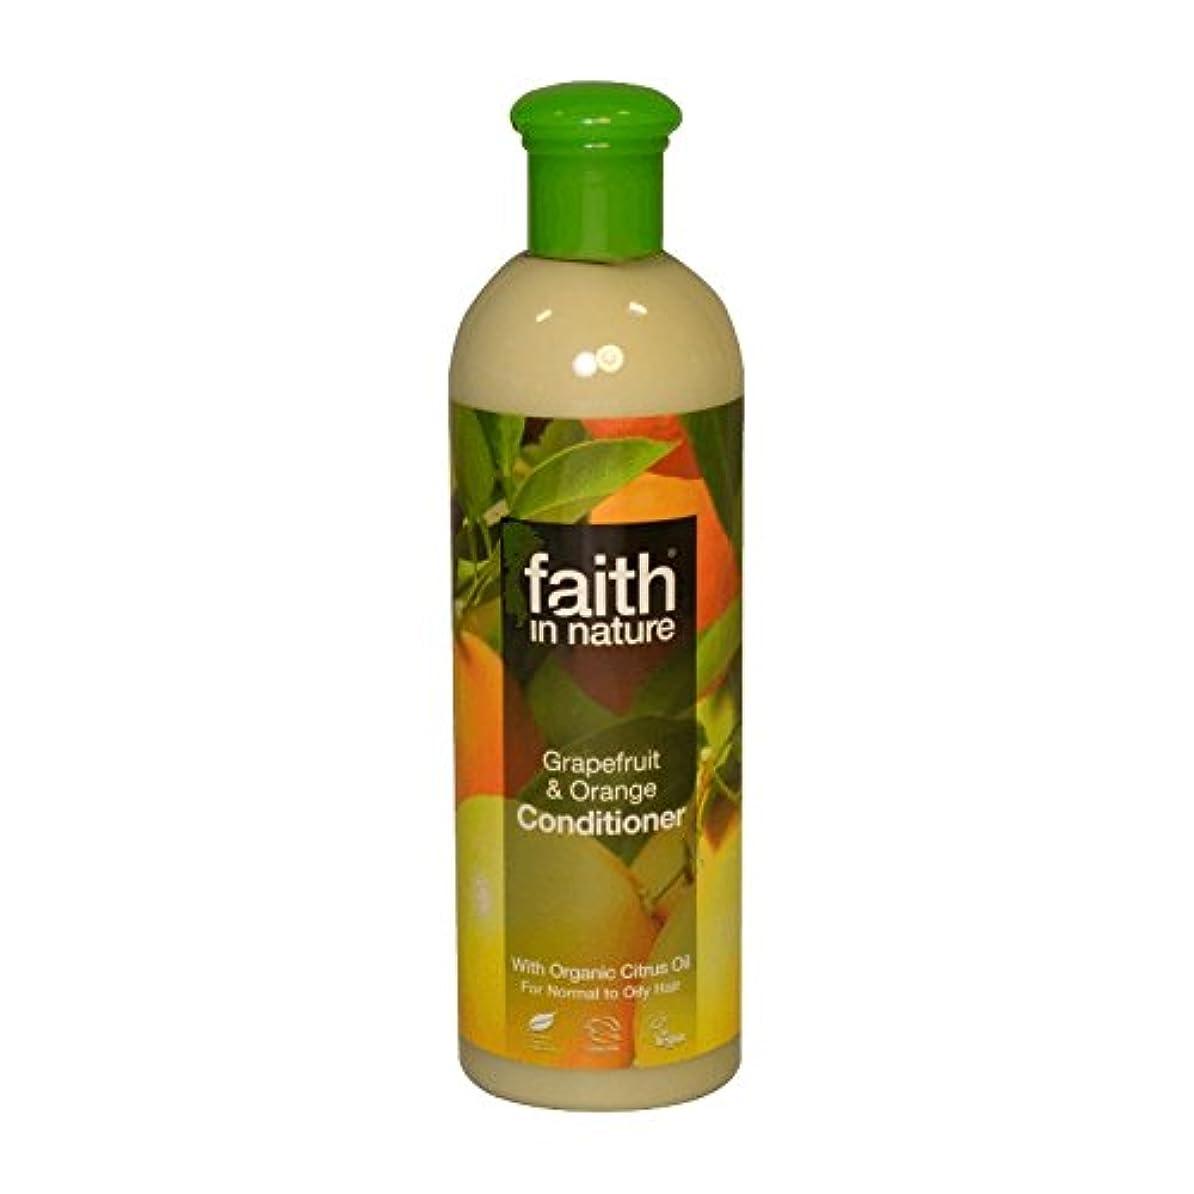 歯可能性反射Faith in Nature Grapefruit & Orange Conditioner 400ml (Pack of 2) - 自然グレープフルーツ&オレンジコンディショナー400ミリリットルの信仰 (x2) [...